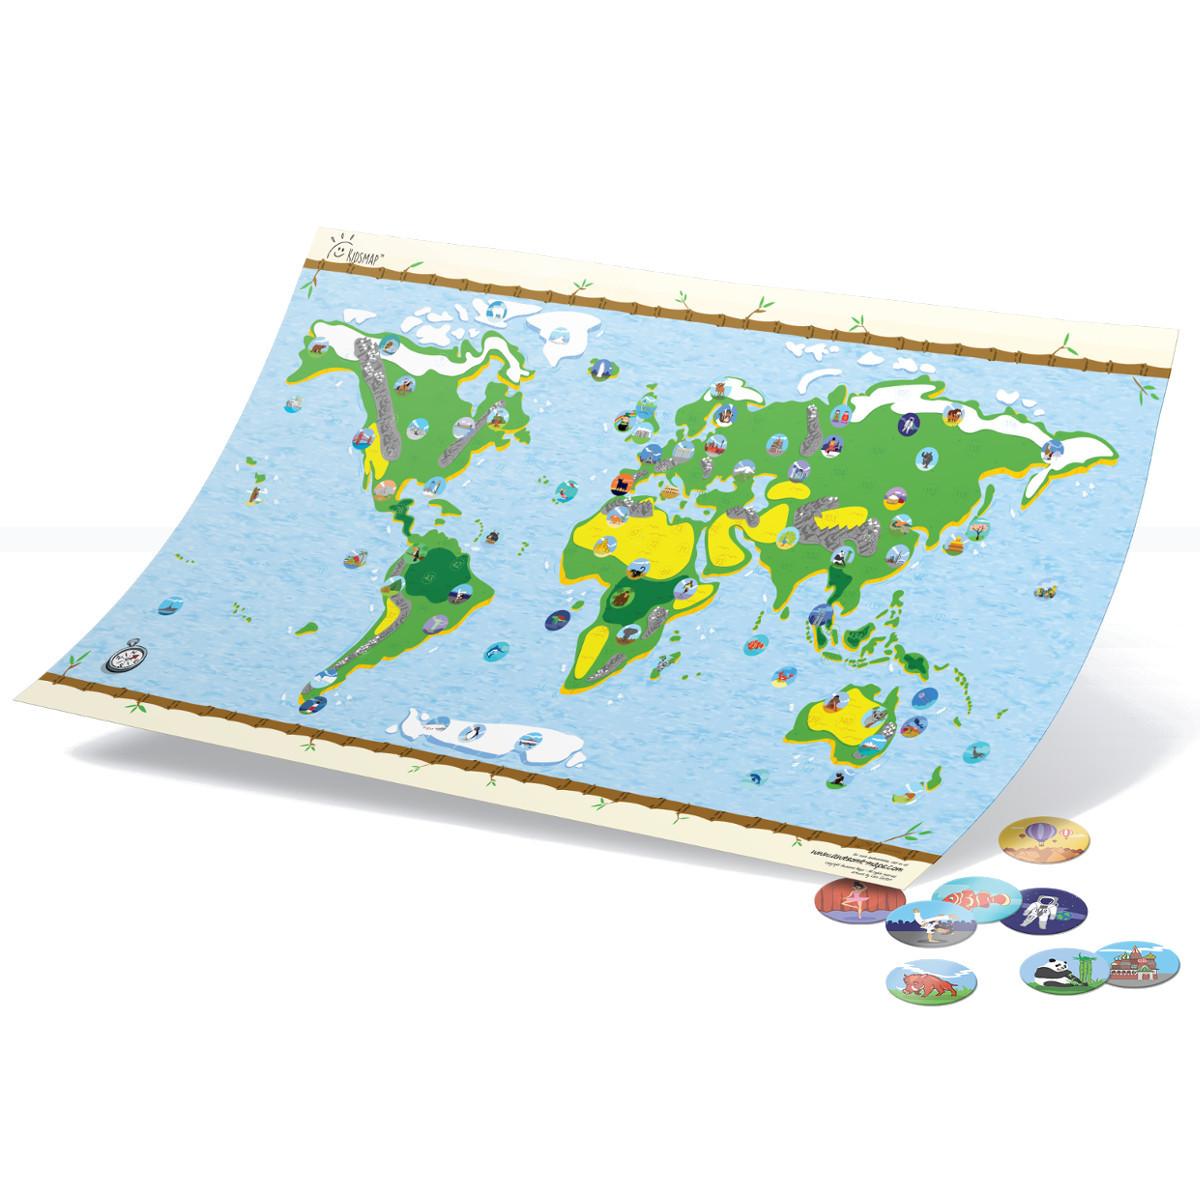 Interaktive Landkarte für Kinder mit Stickern